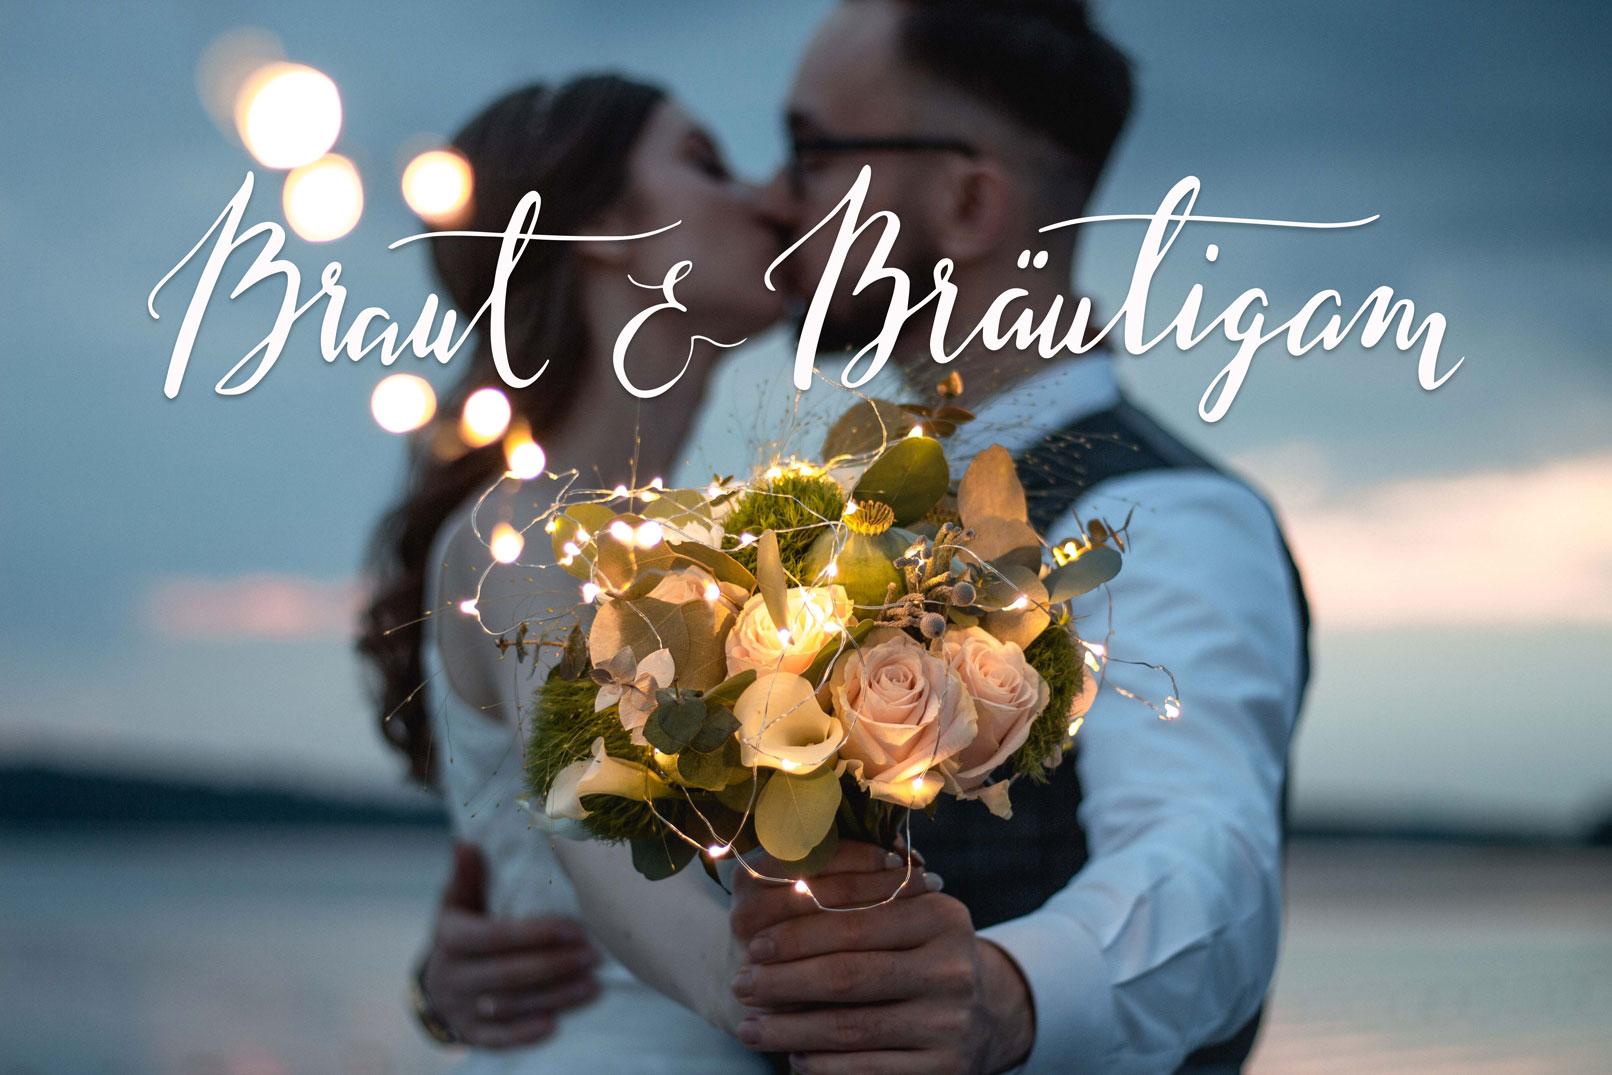 Brautpaar mit Blumenstrauß, Braut und Bräutigam als Handlettering